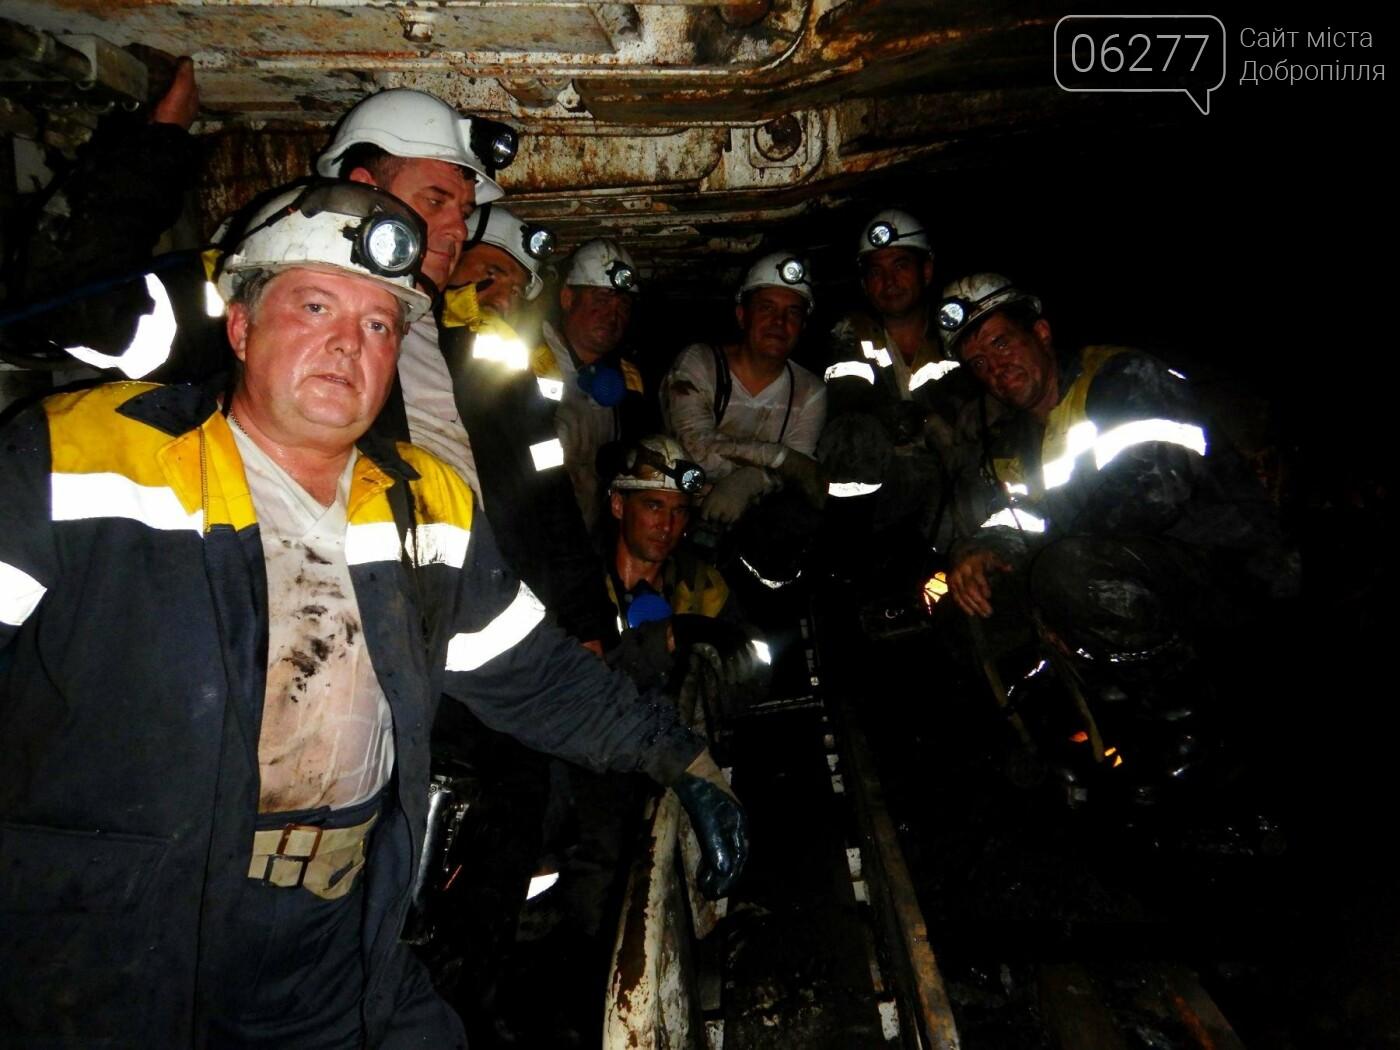 Шахтеры Белозерского работают на энергонезависимость страны: заработала новая лава с запасами 2 млн тонн угля, фото-2